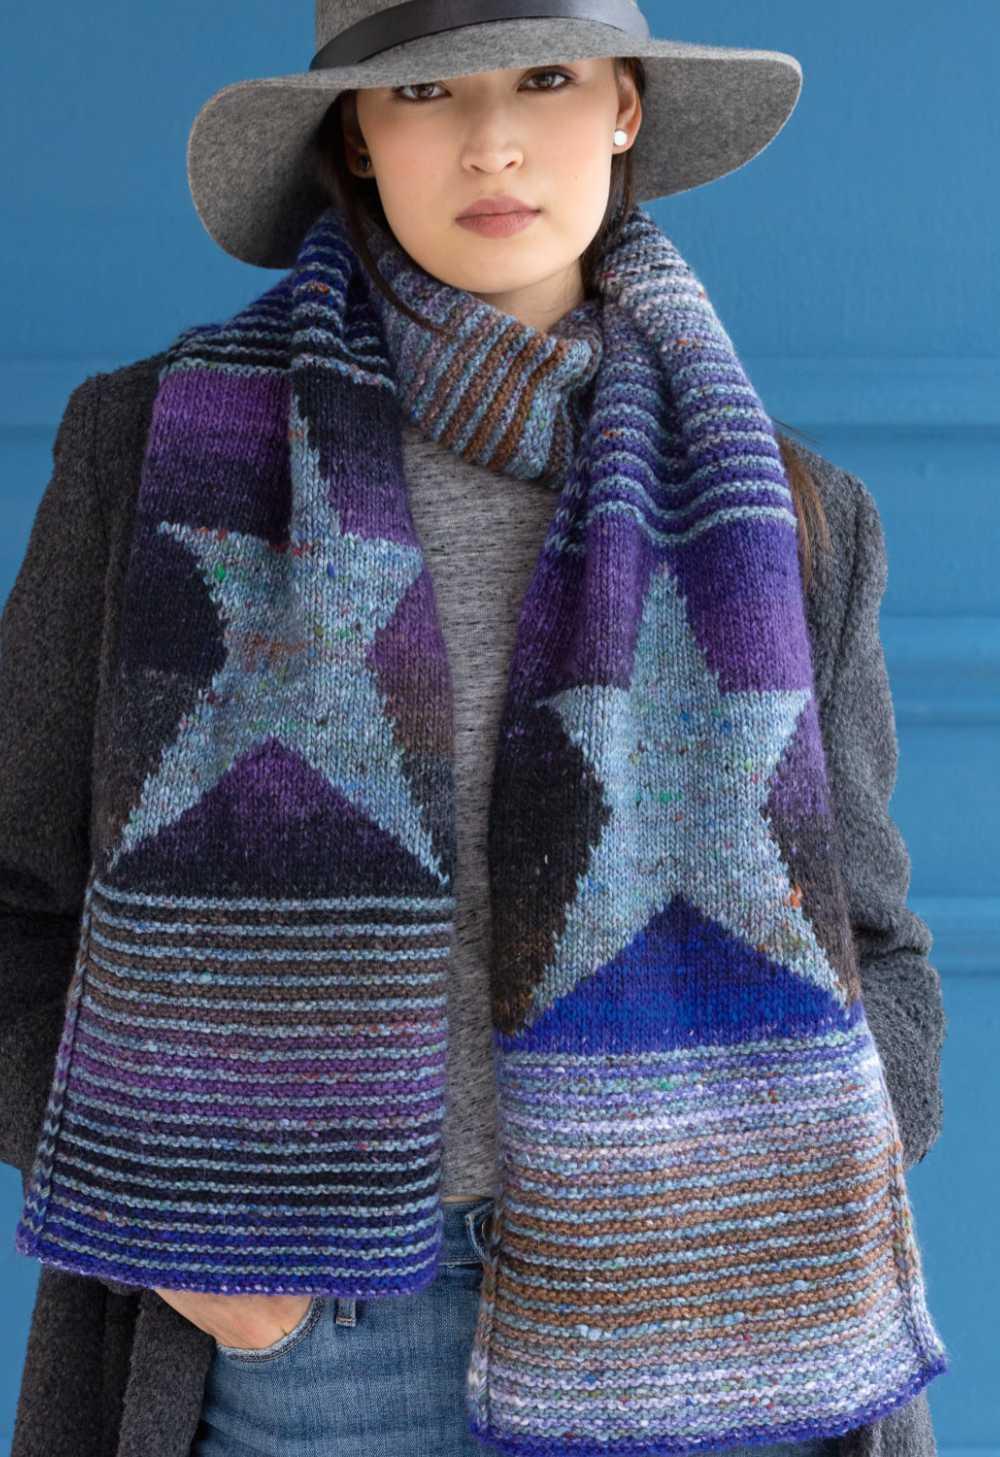 """Schal """"Starry Night"""" mit eingestrickten Sternen von Katherine Mehls aus Noro Madara #04 zusammen mit Noro Silk Garden #429. Foto aus Noro Knitting Magazine 19"""